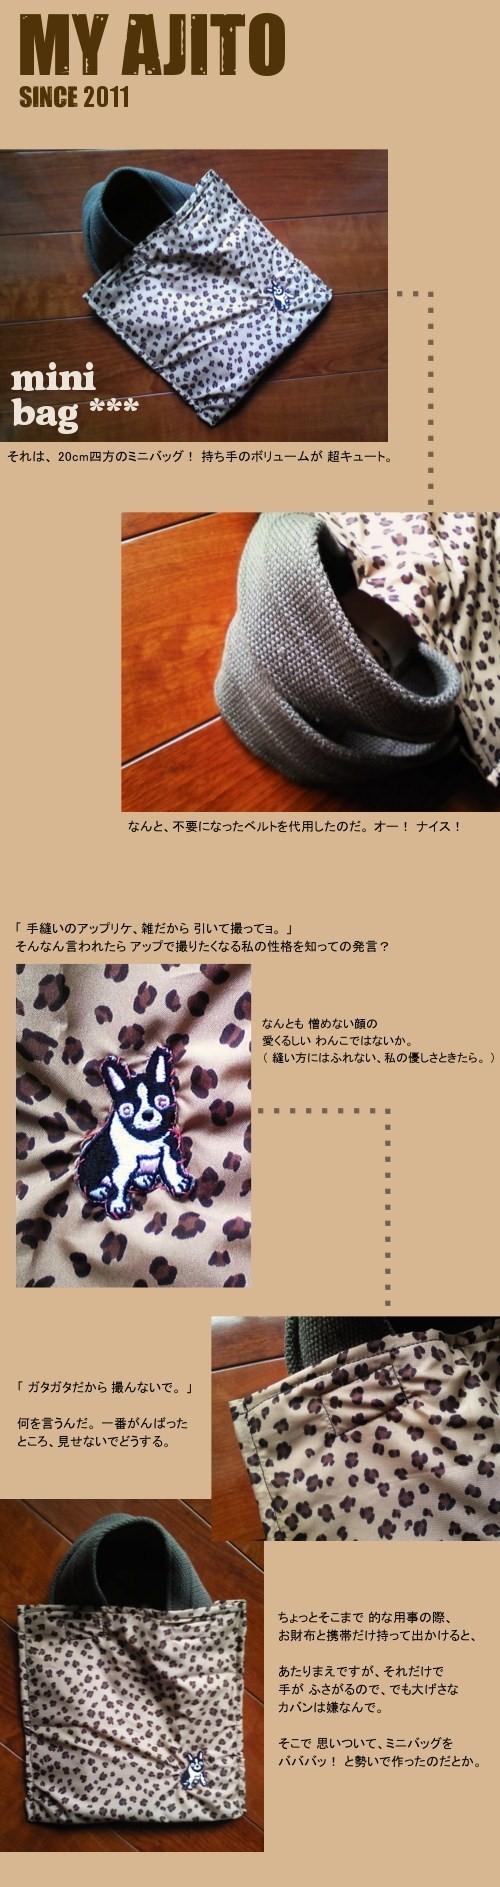 jp_ab_03.jpg